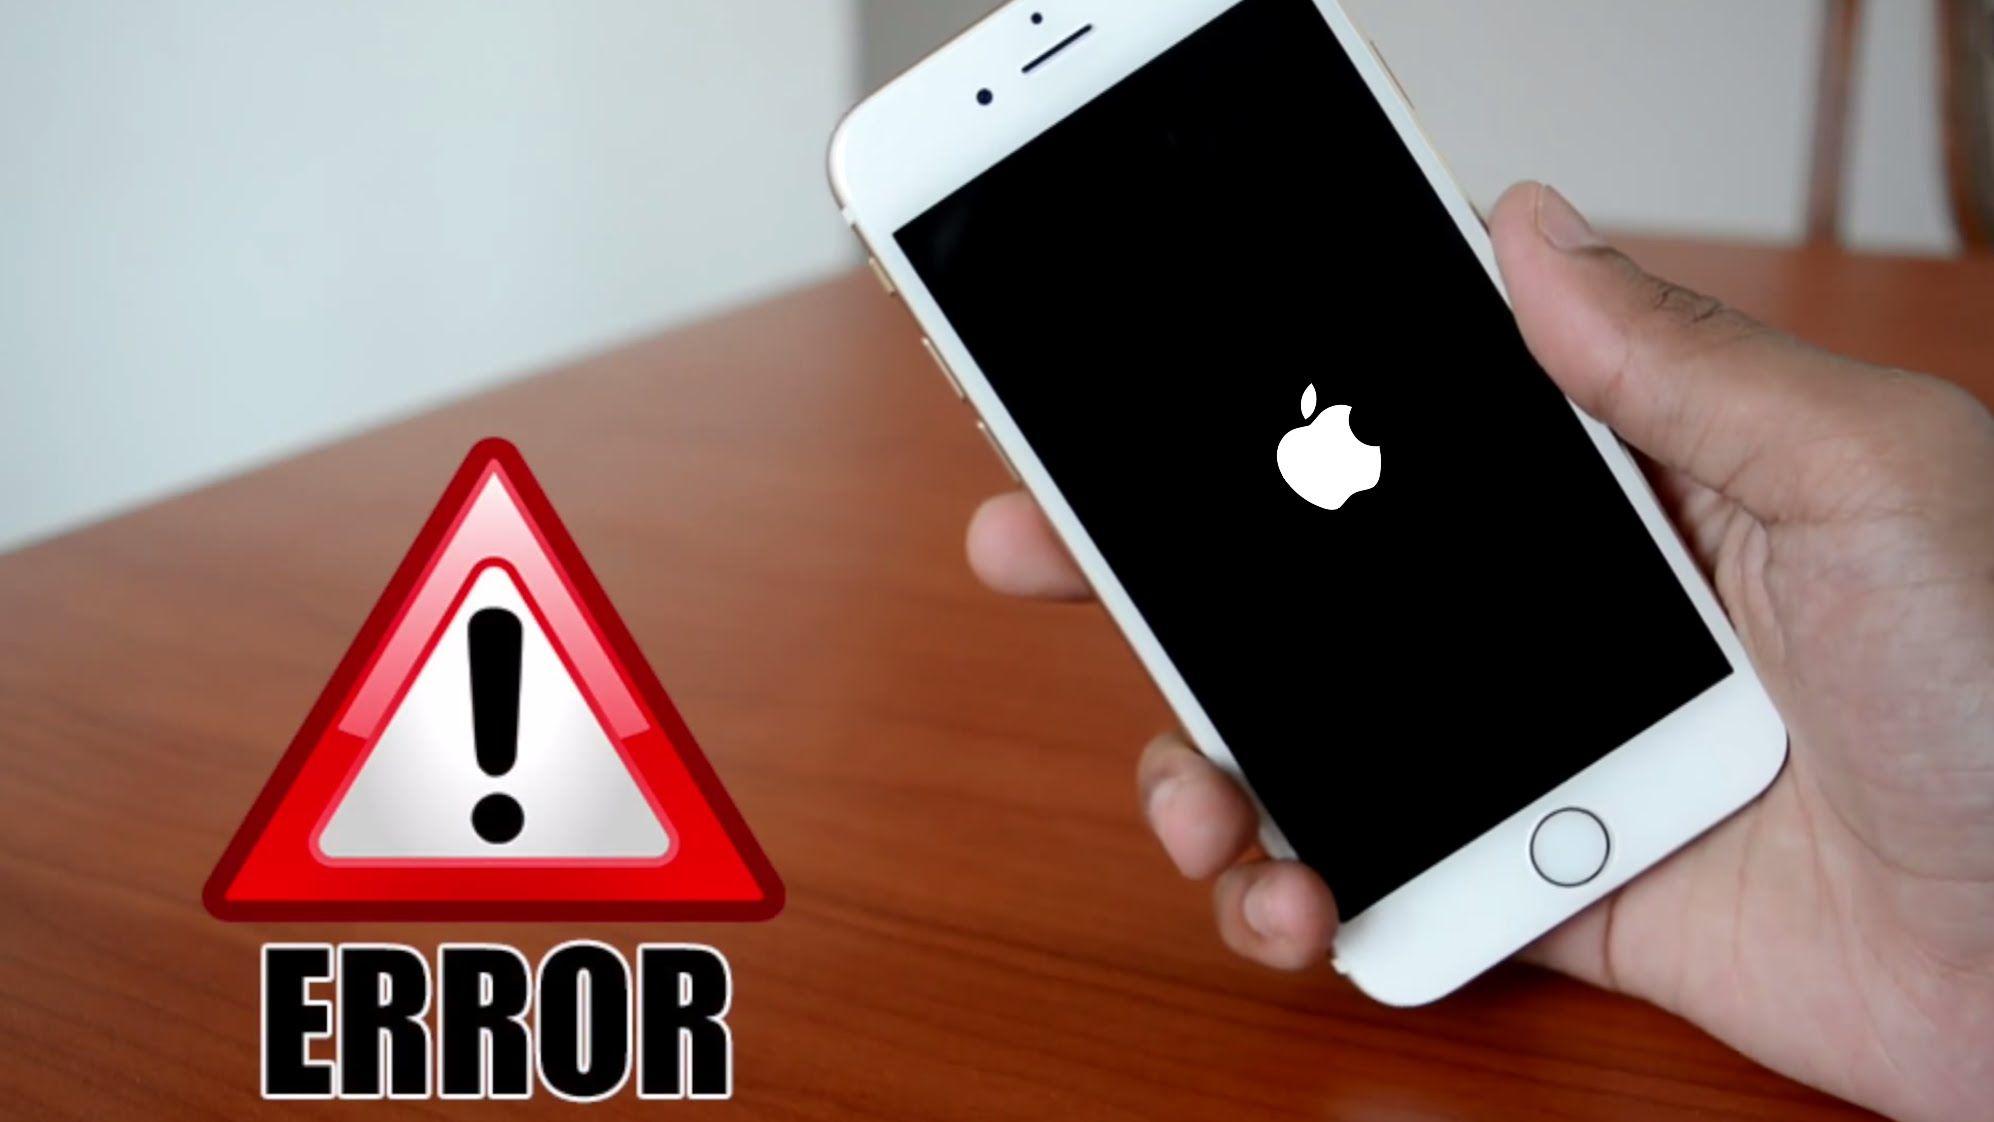 iPhone 7 wisi na logo lub pracuje bardzo ociężale? Nie działają głośniki, mikrofony w iPhone 7? Możesz mieć problem z wadą układu audio w iPhone 7.